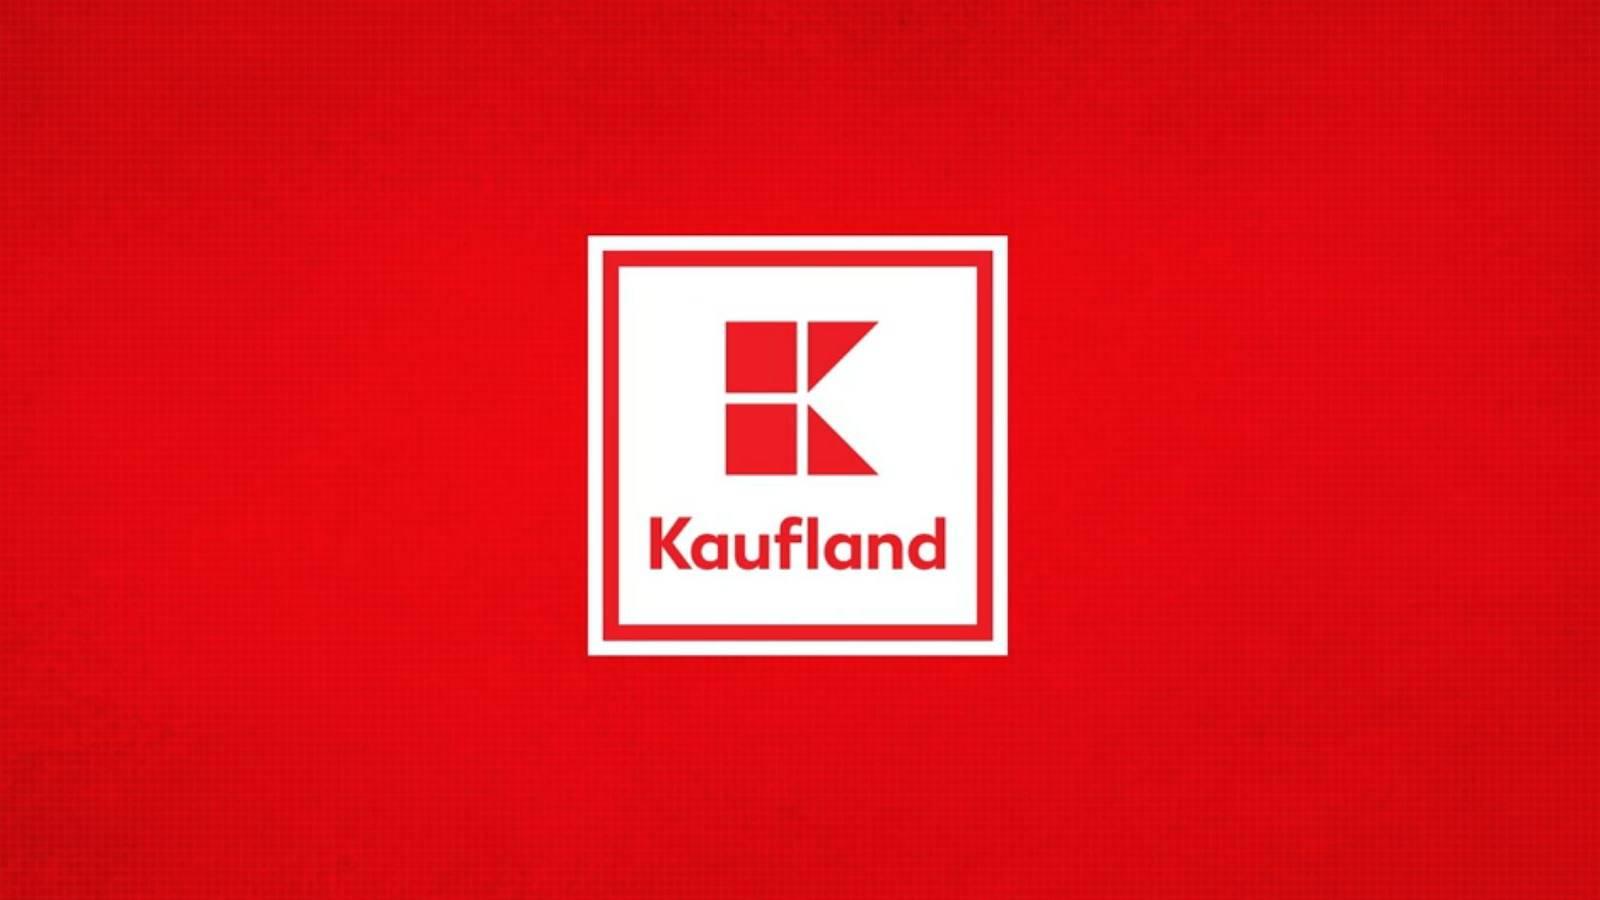 Kaufland disparitie